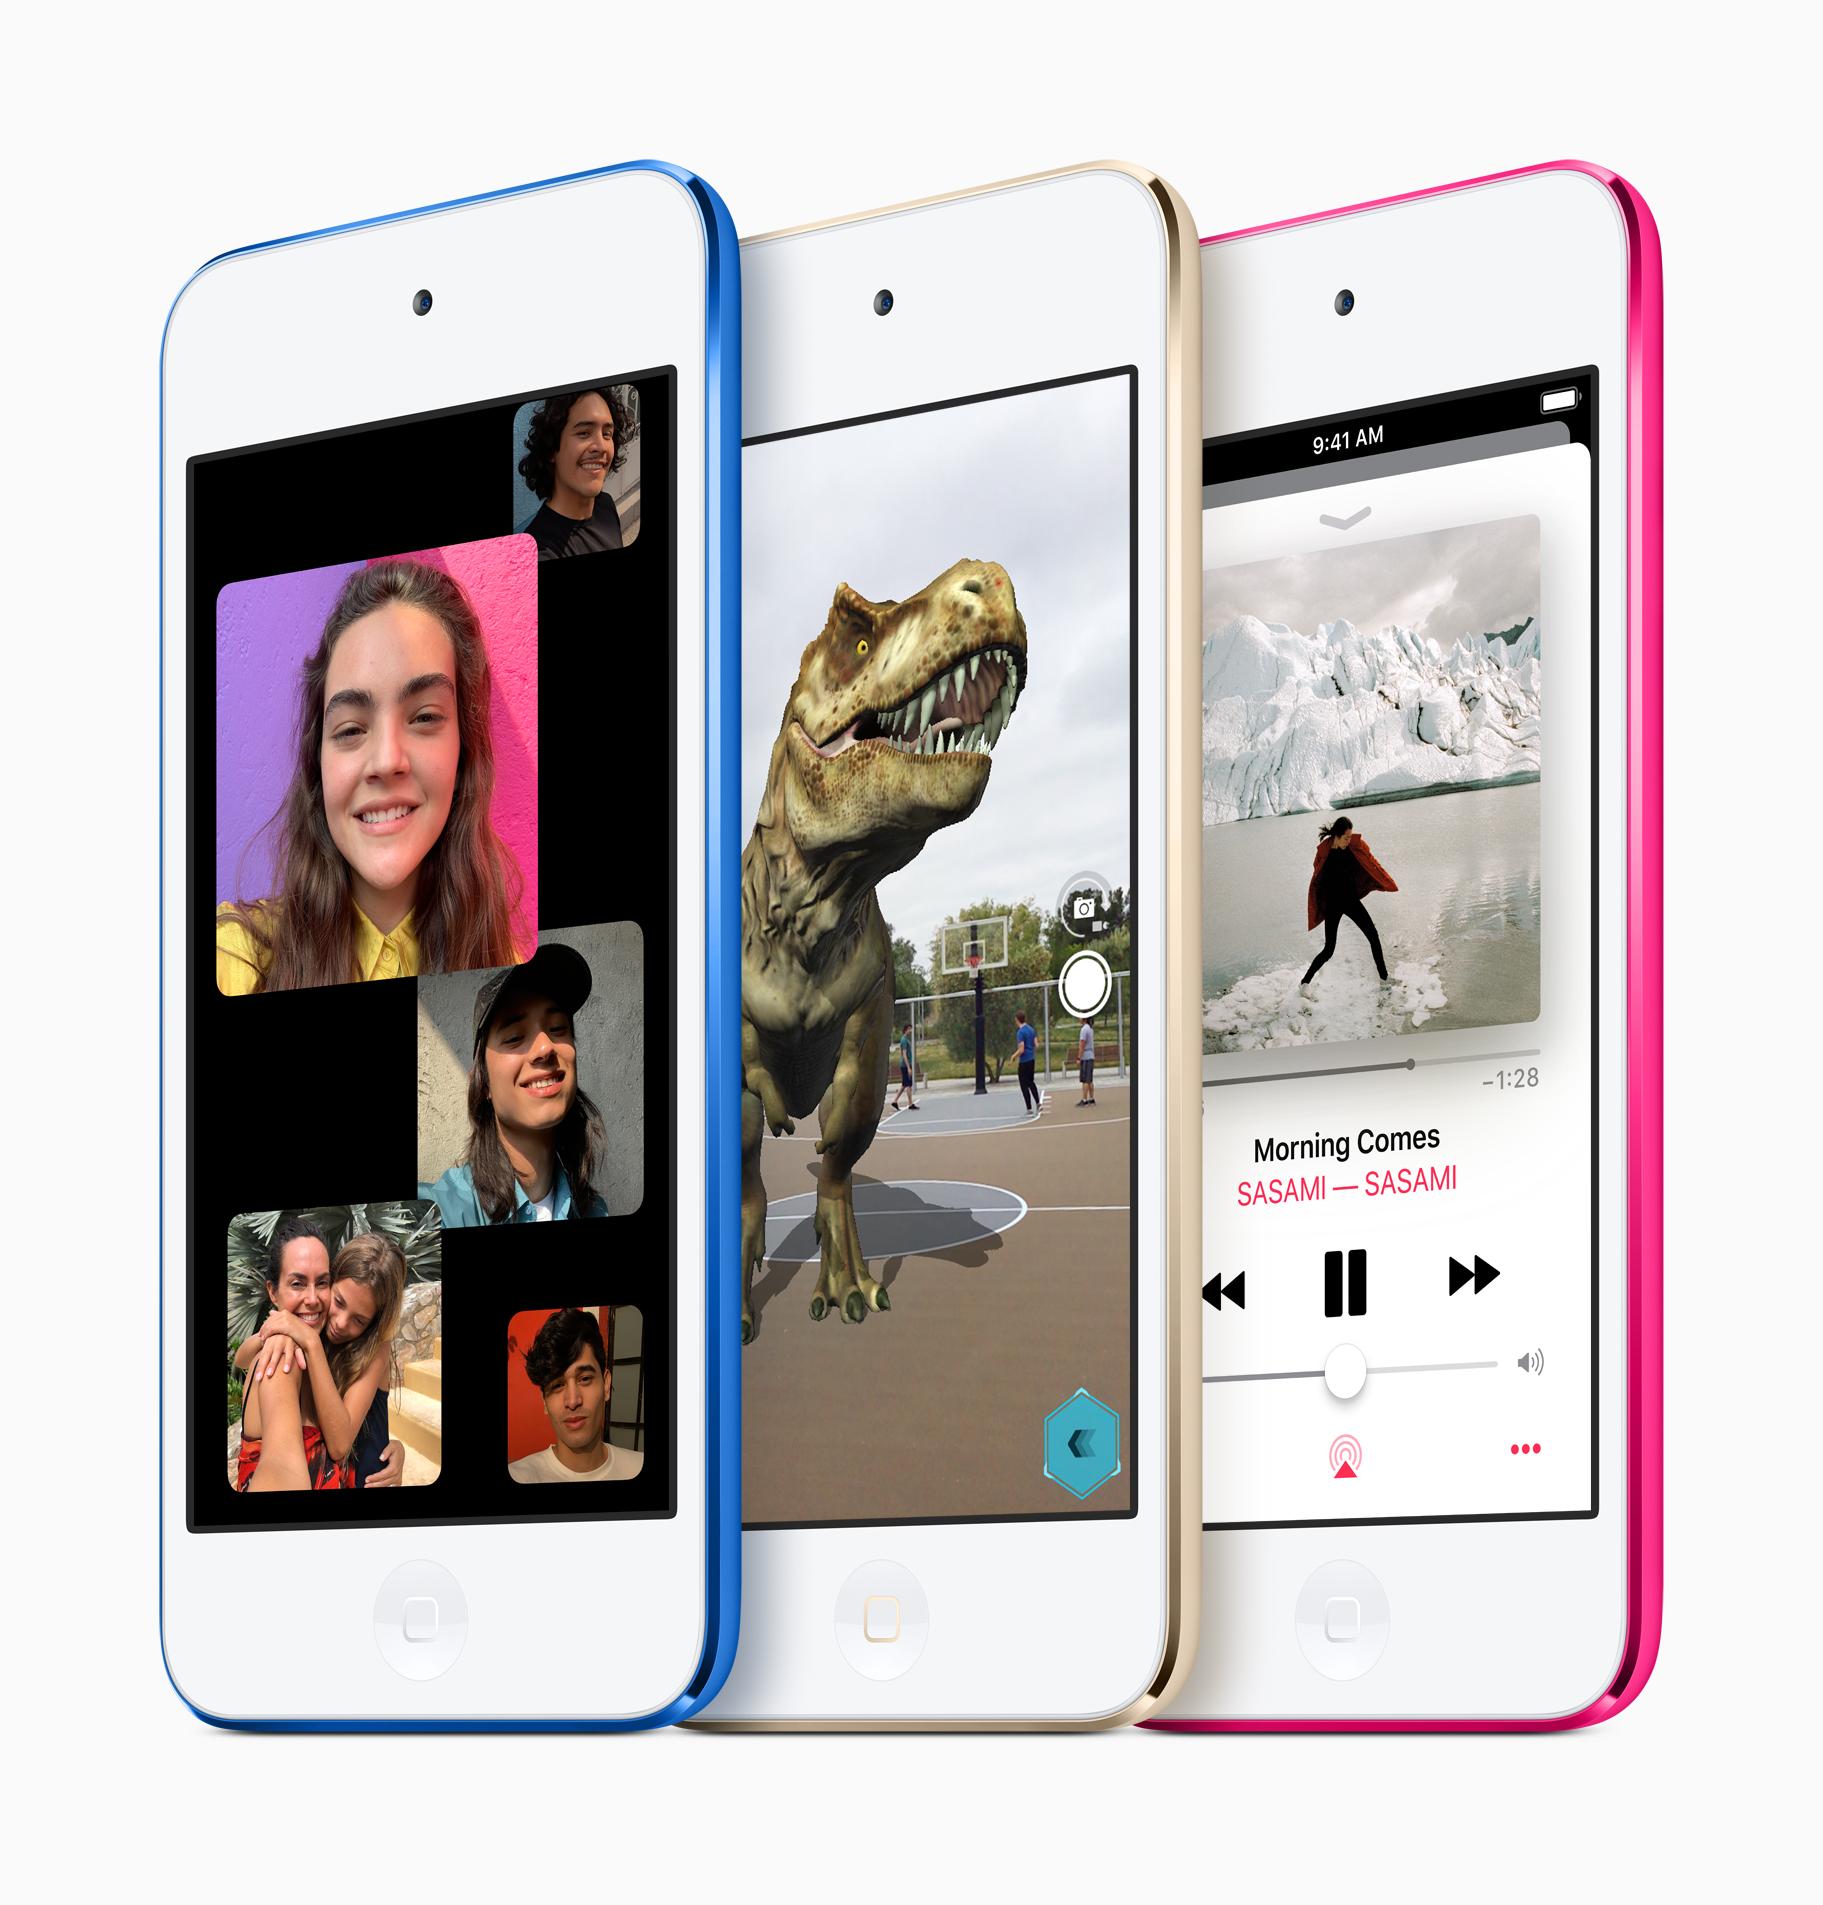 新型iPod Touch(2019)が突然発表へ。A10 Fusionチップ搭載でスピード2倍。32GBが2.2万から。貴重なお金は新型iPhoneの頭金に使おう。5/30~。